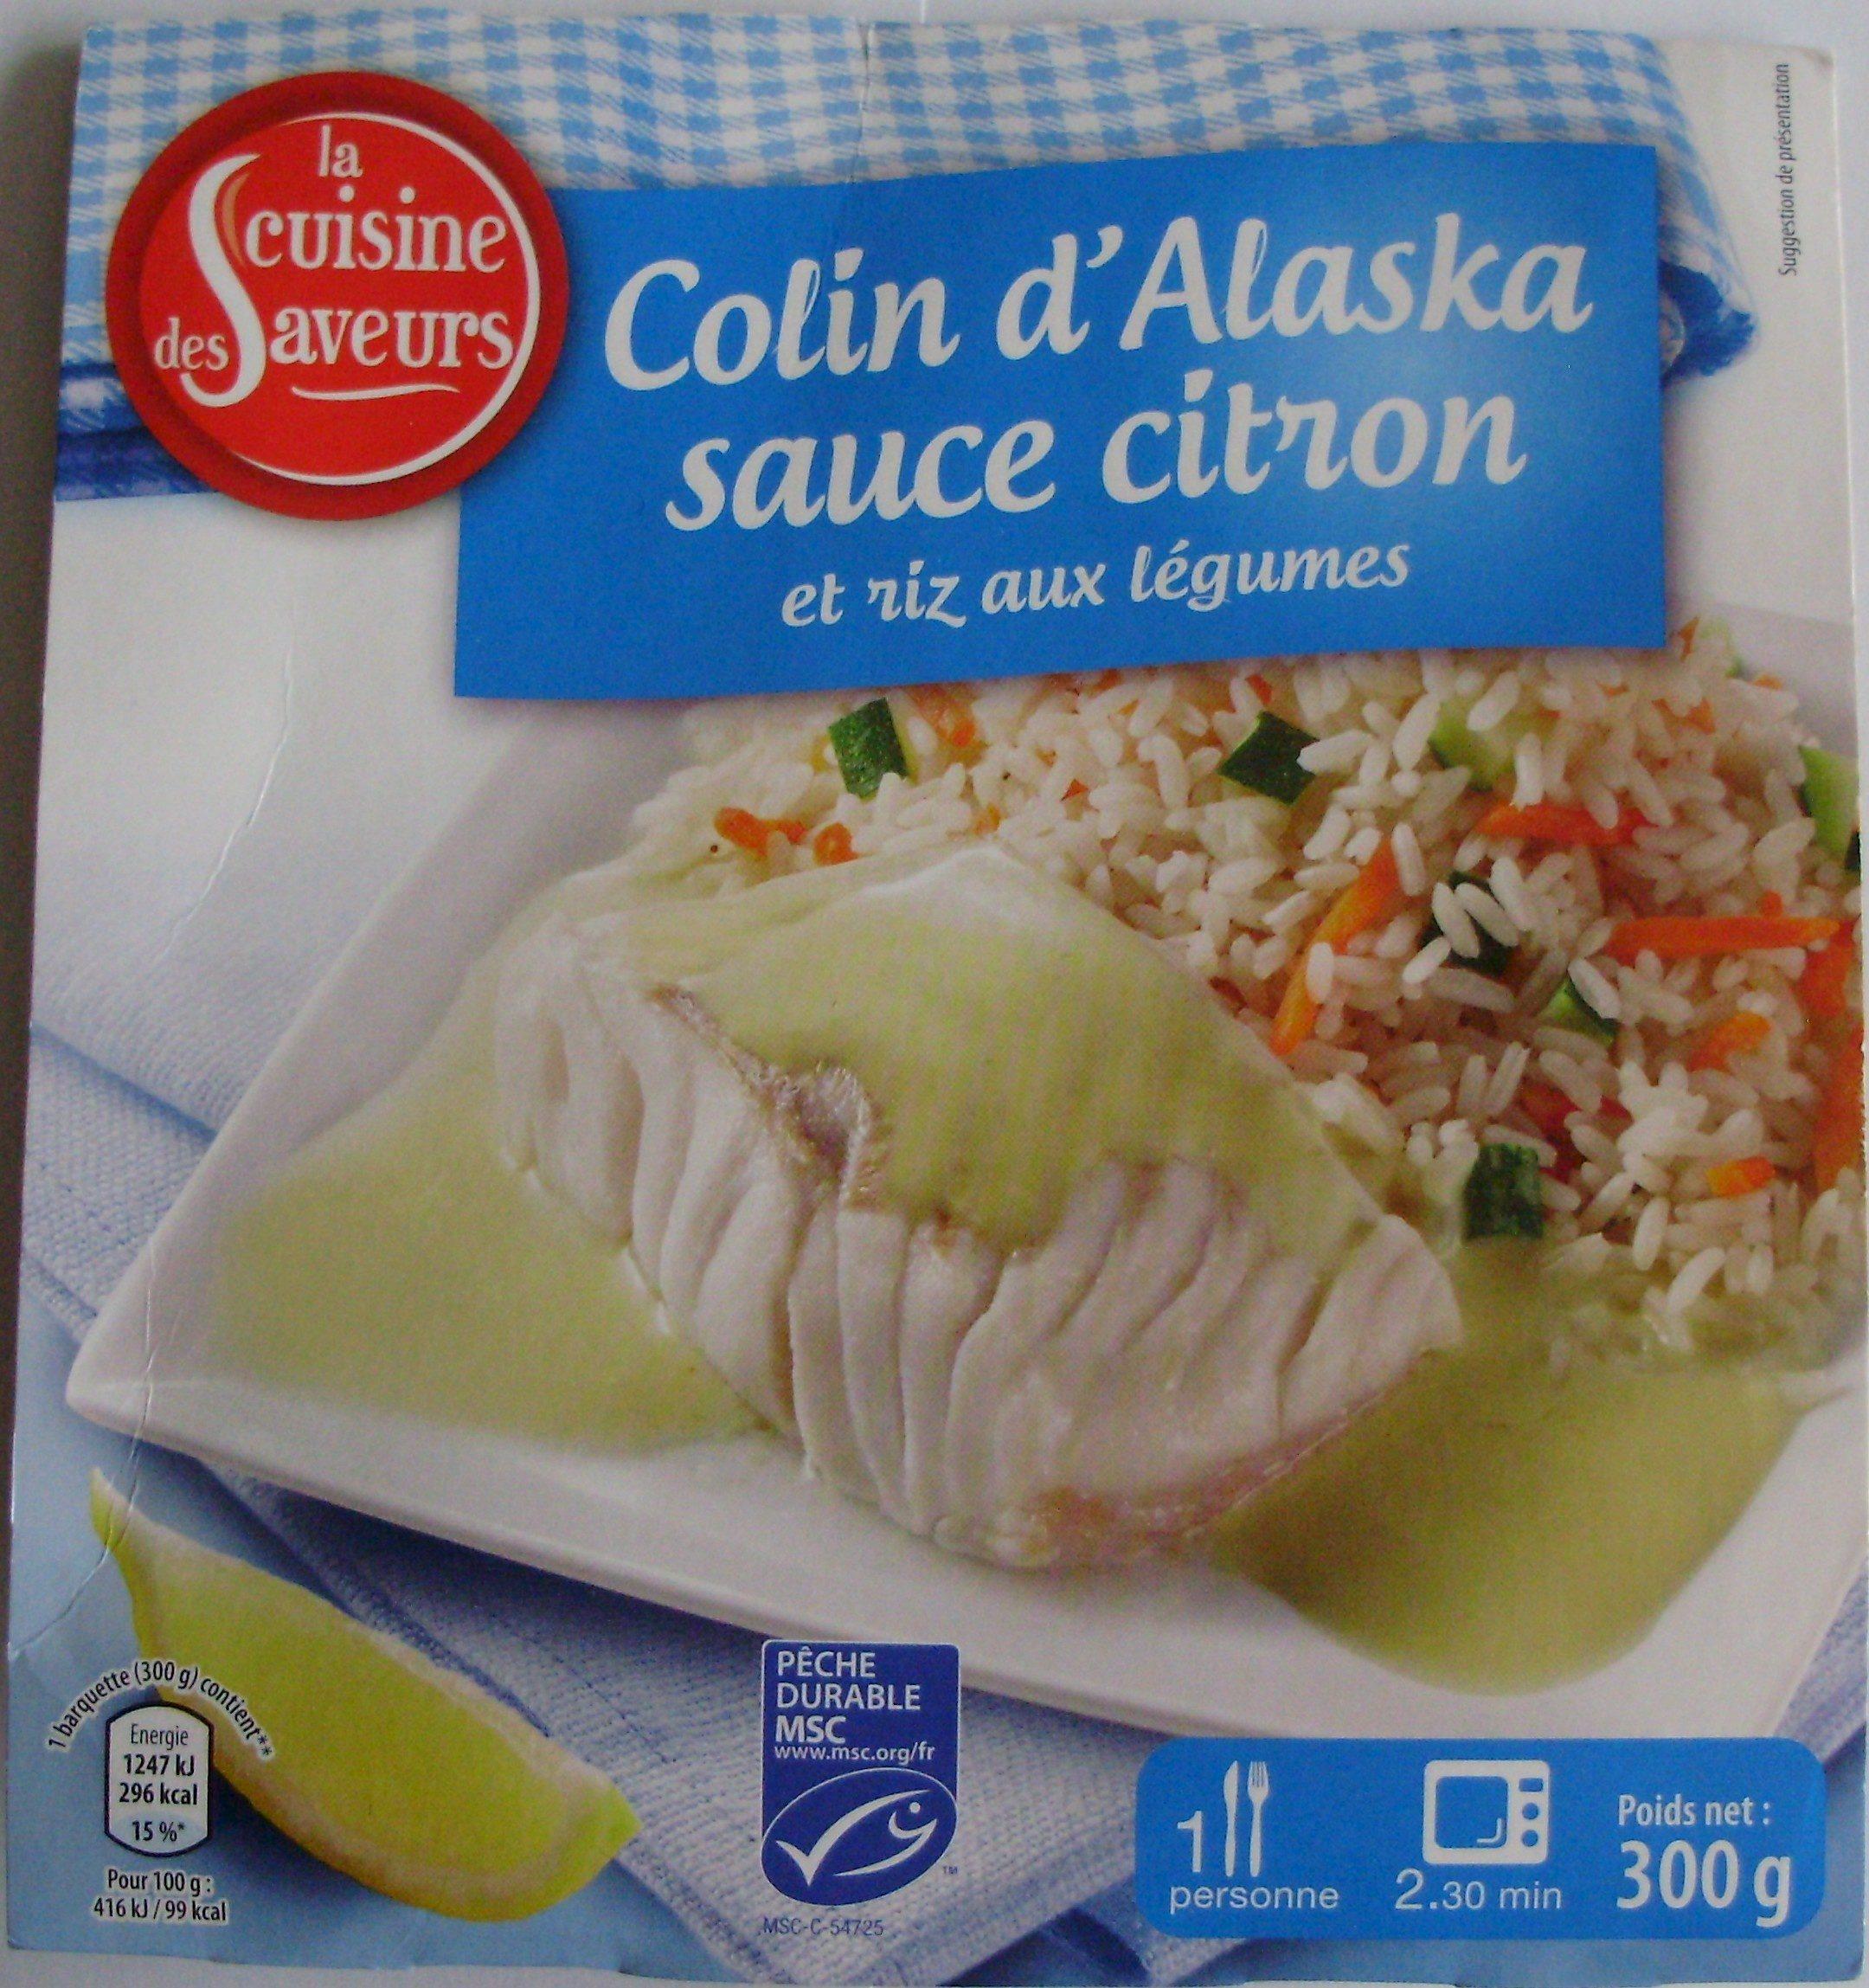 Colin d'Alaska sauce citron et riz aux légumes - Produit - fr